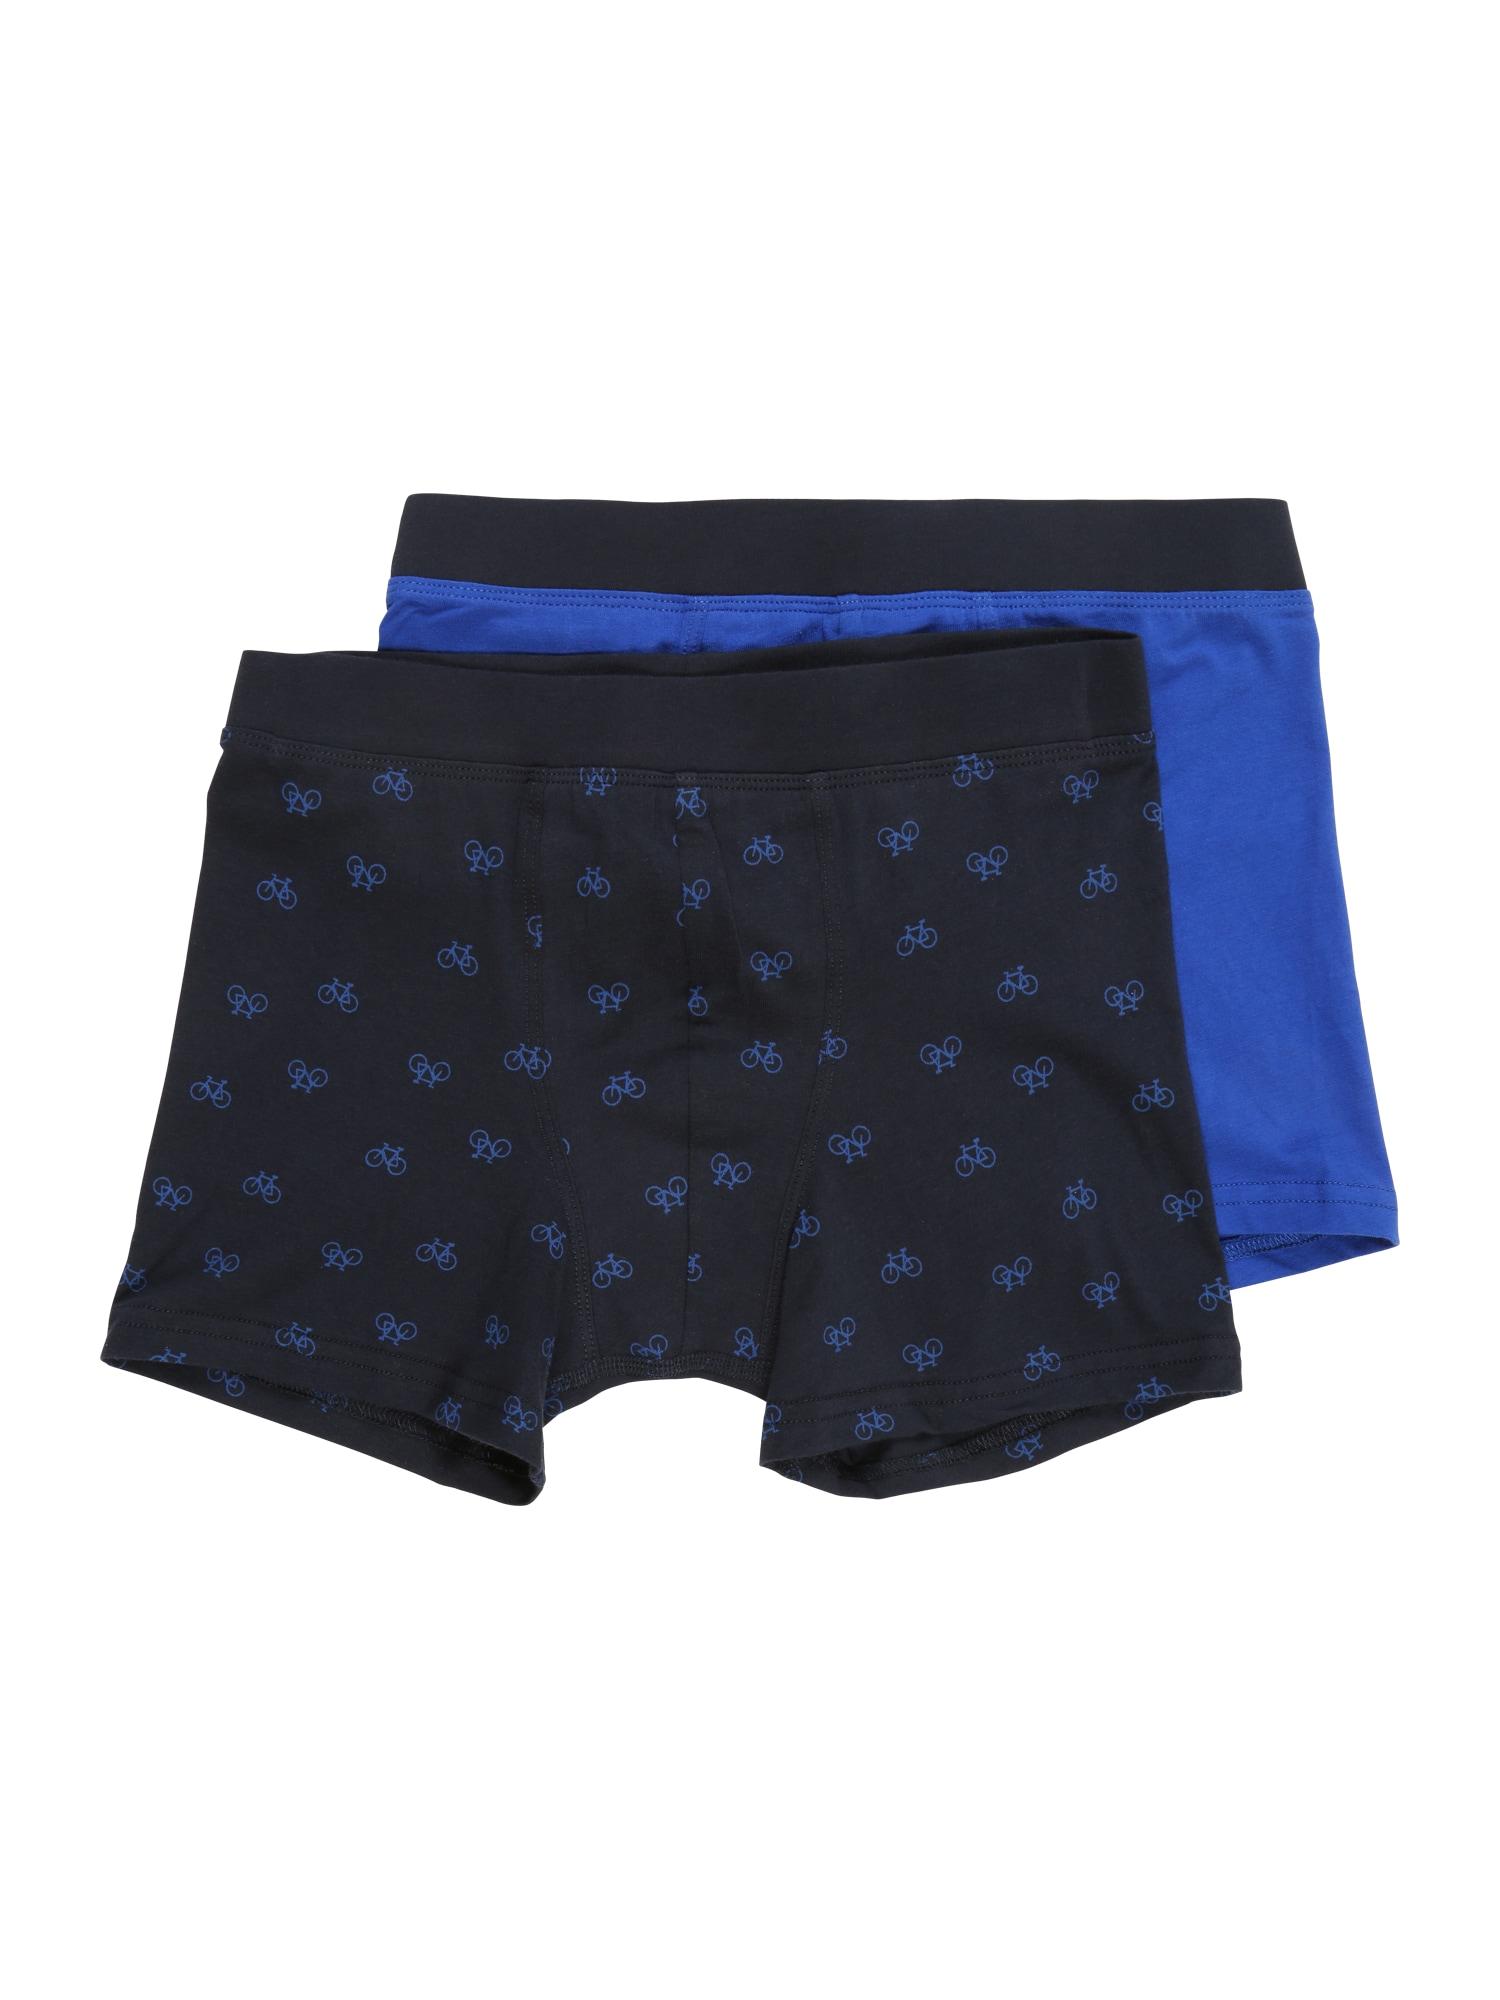 Spodní prádlo modrá námořnická modř SCHIESSER